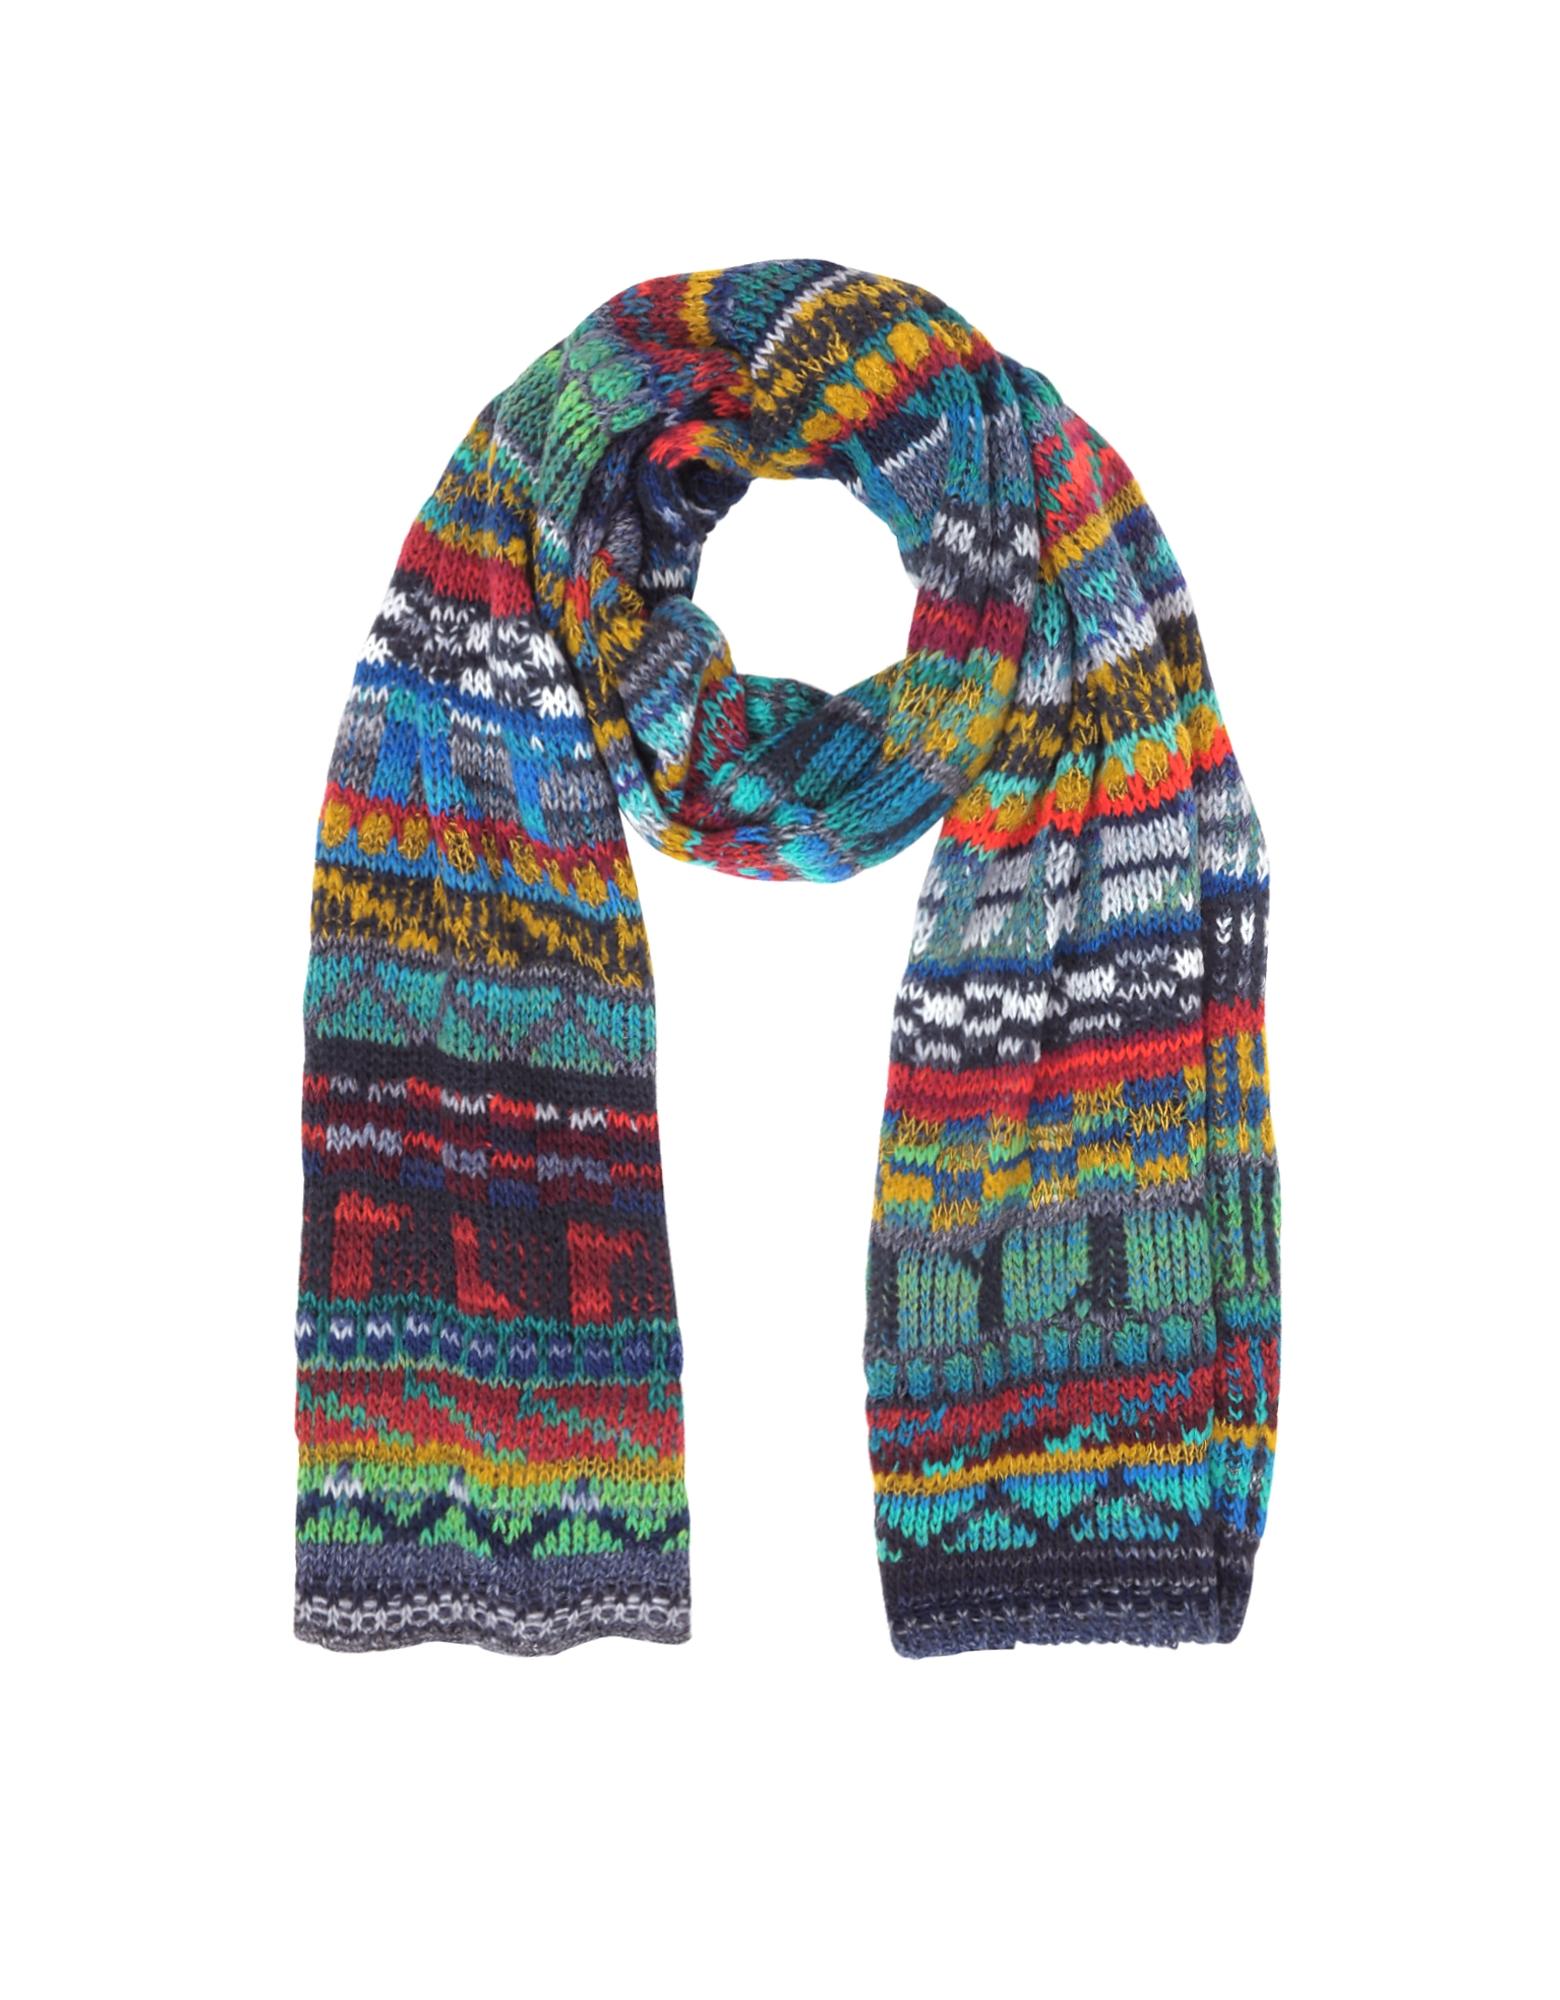 Wool Blend Knit Men's Long Scarf